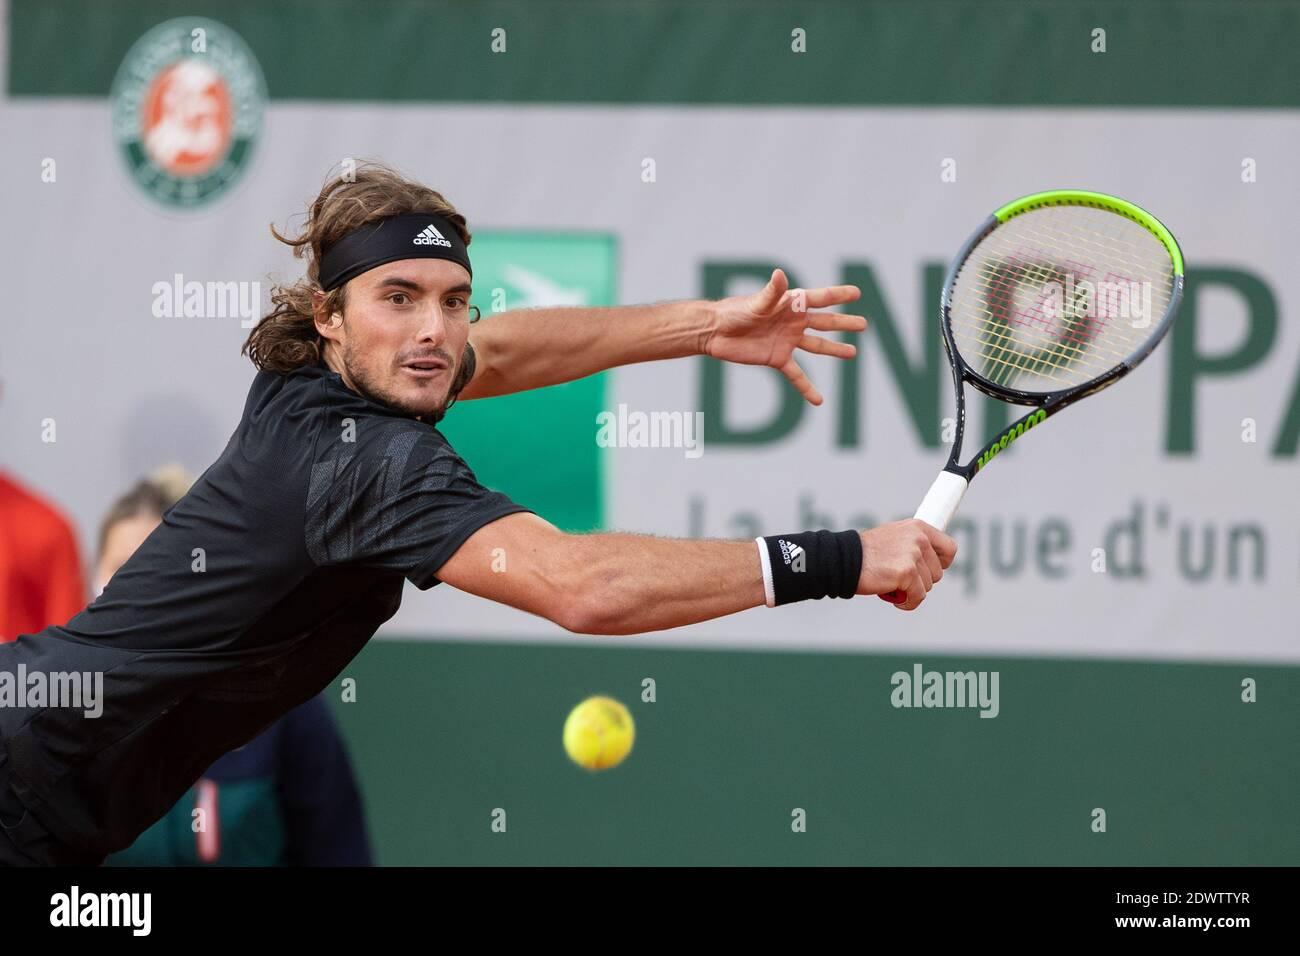 El tenista griego Stefanos Tsitsitas jugando una mano durante el Abierto de Francia 2020, París, Francia, Europa. Foto de stock